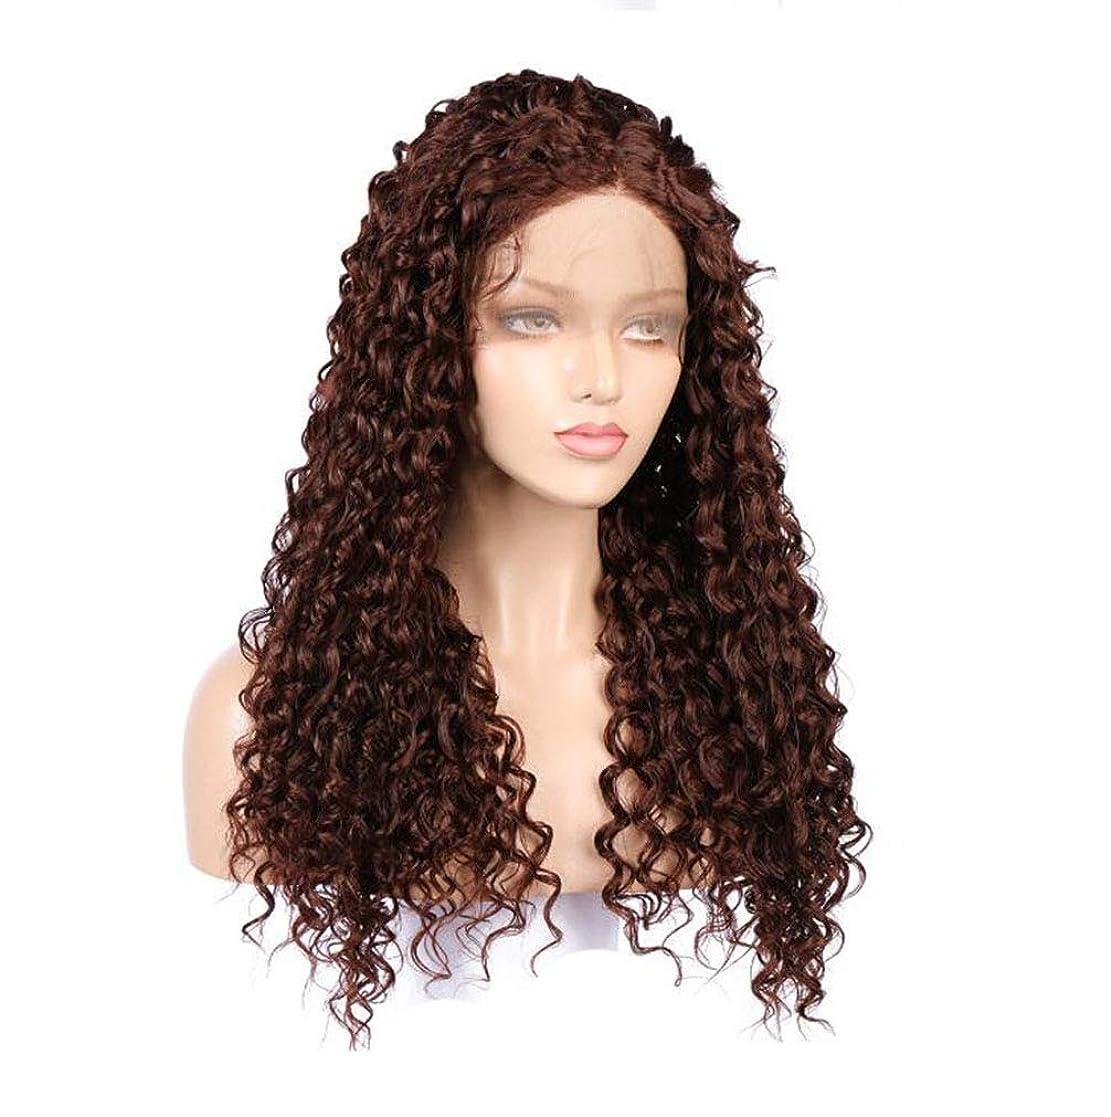 三角抑制類似性女性のための耐熱高密度と茶色のかつら長い波状のレースフロント合成繊維コスプレかつら王女自然な髪型